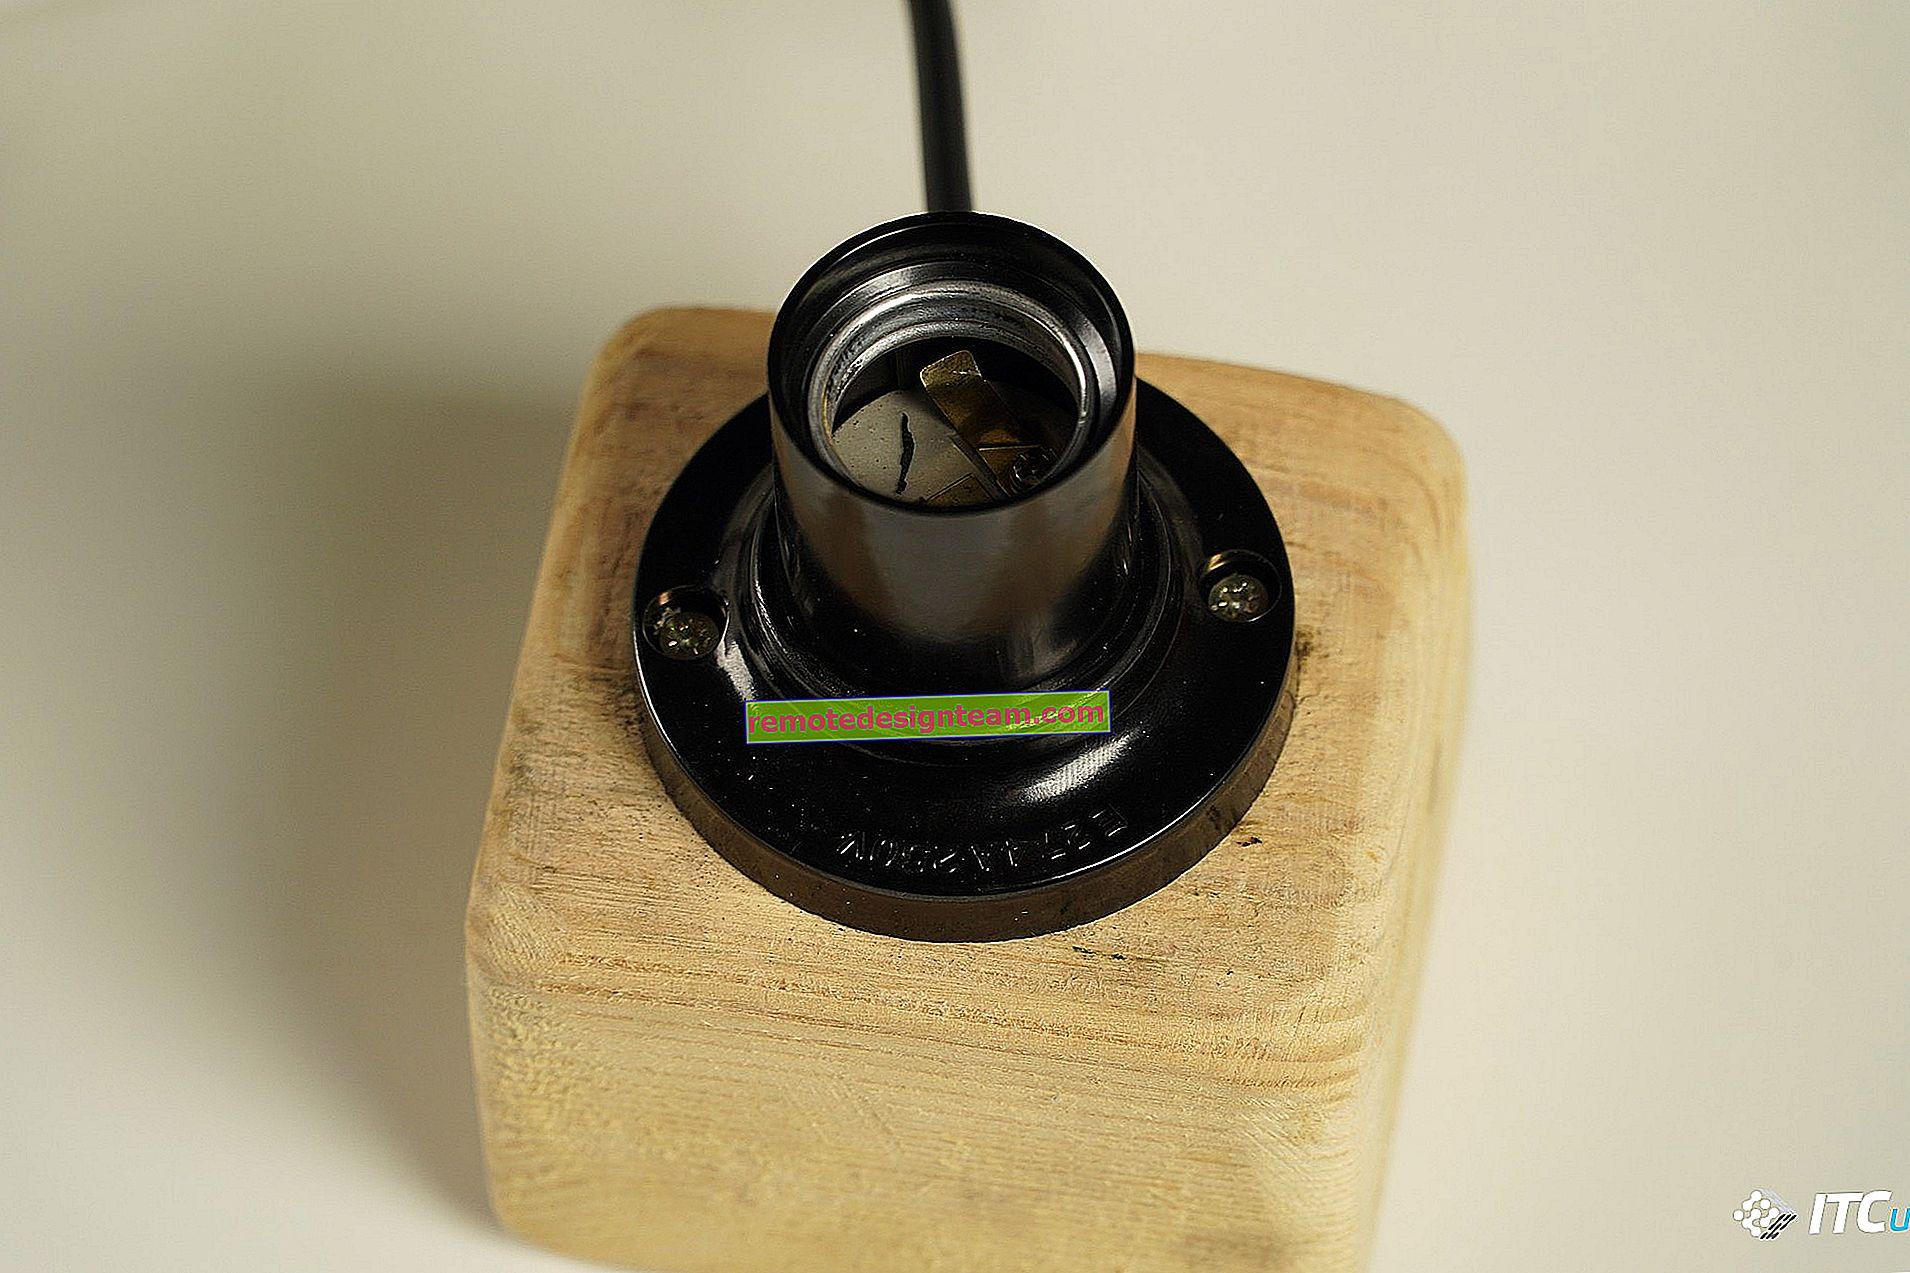 لمبات ذكية من TP-Link: اتصال ، تكوين ، تحكم